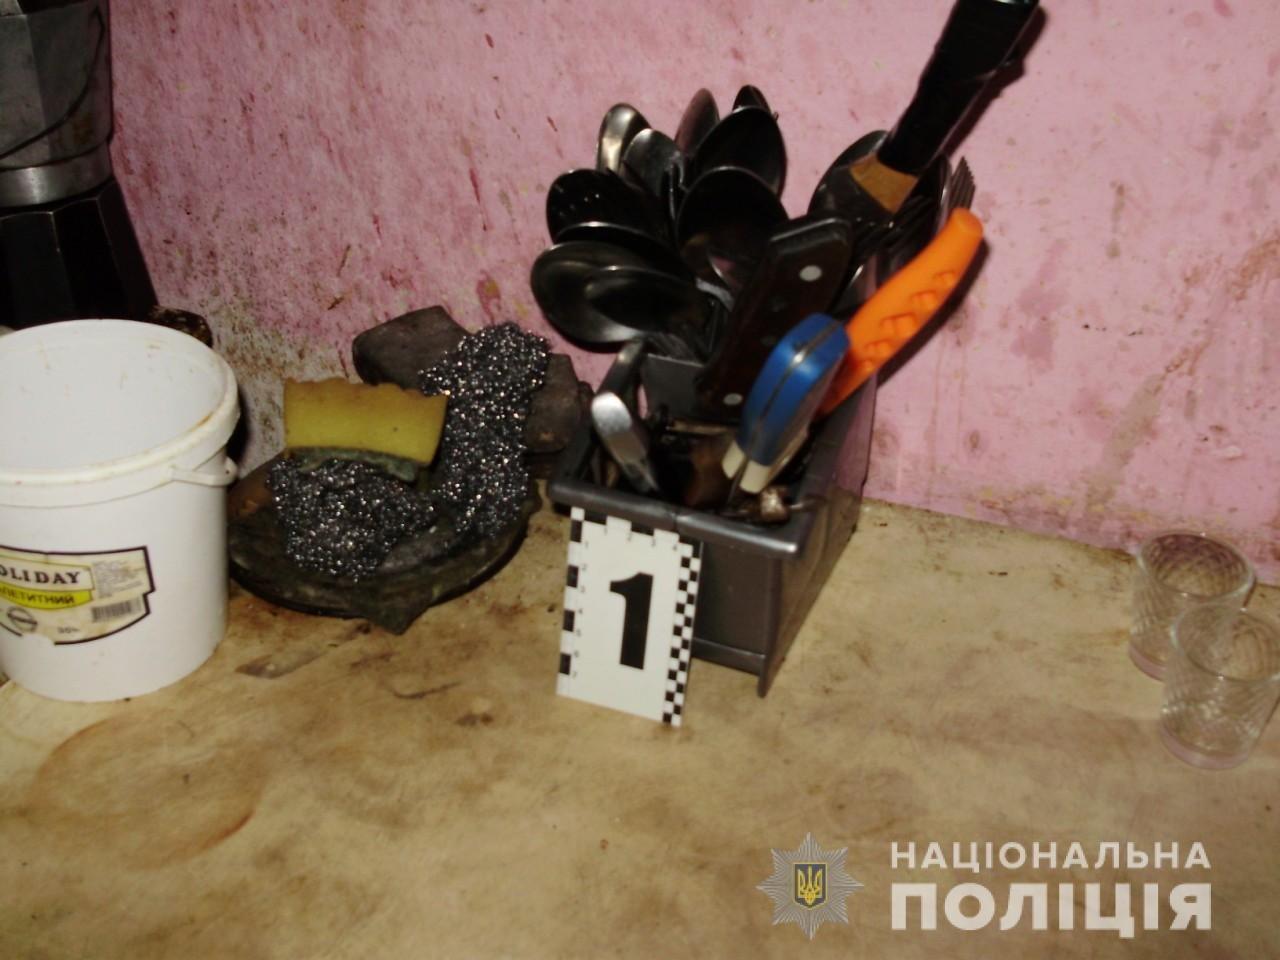 Вбивство на Закарпатті: під час сварки жінка смертельно поранила чоловіка (ФОТО), фото-2